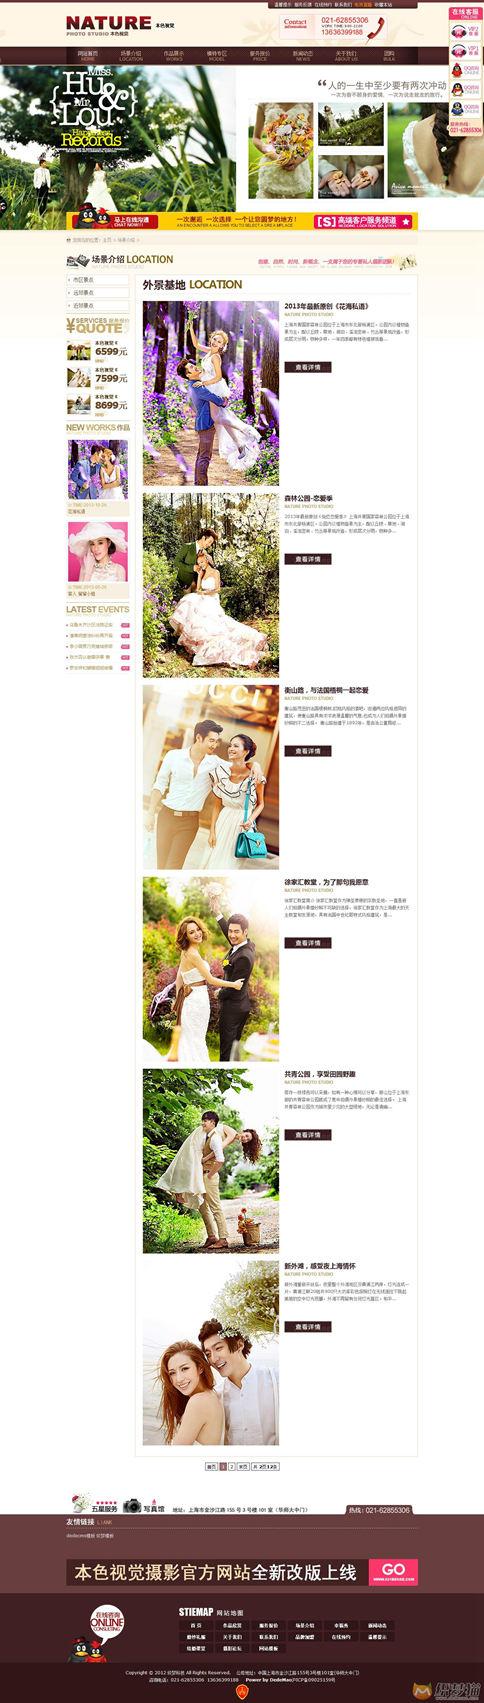 【织梦模板】高端婚庆摄影织梦模板